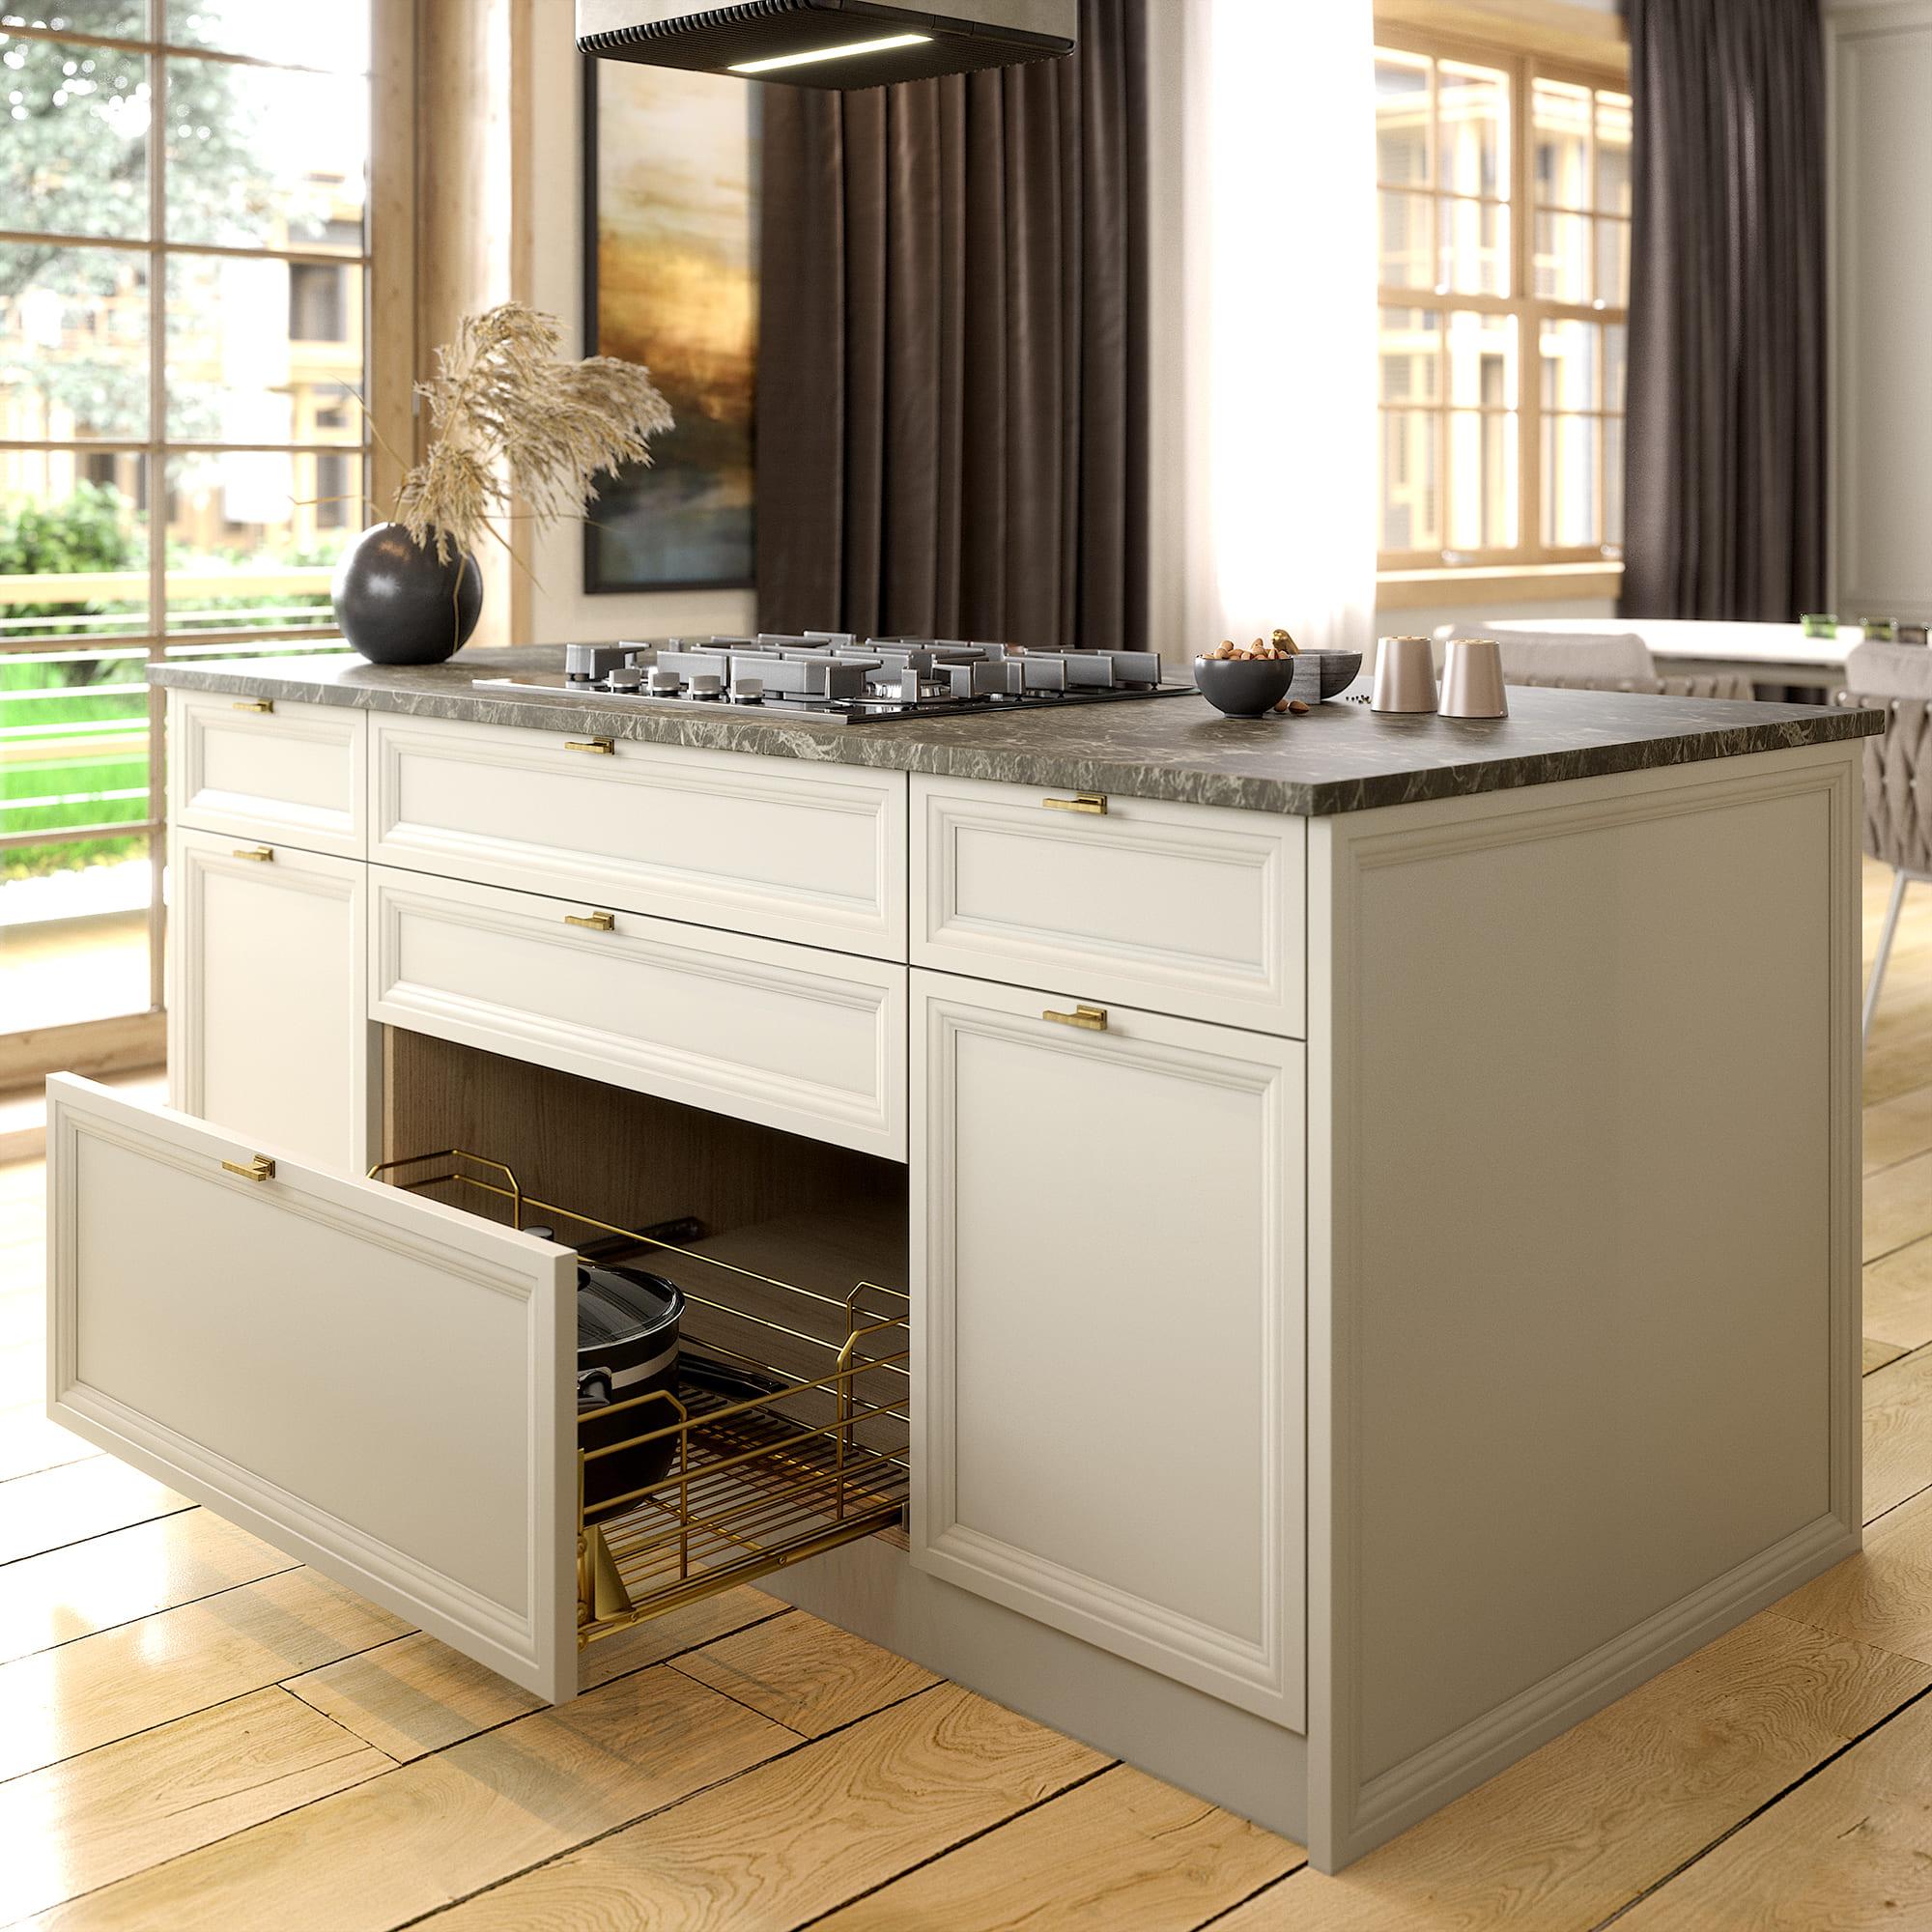 Кухня Interium Модерн.130 - вместительные ящики